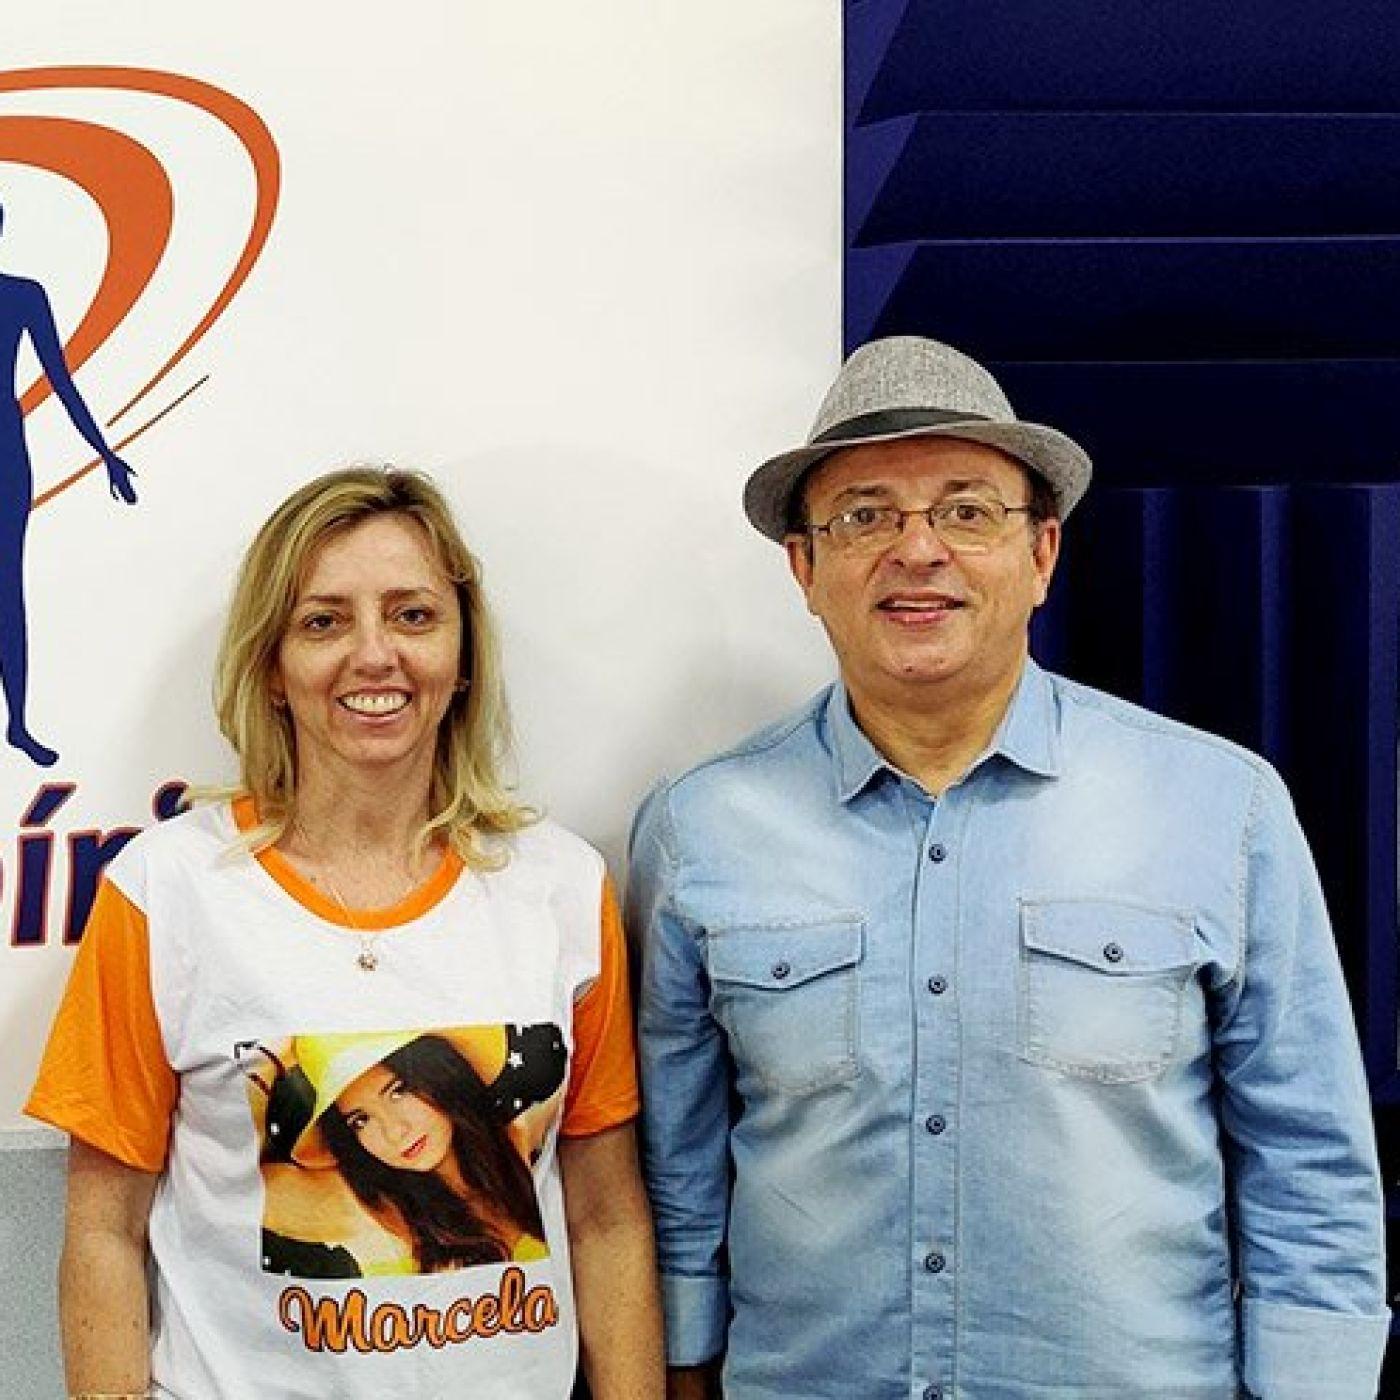 743 - Entre os Dois Planos com Jorge Reis, Fernanda e Ed Moreno (Novo Estúdio Chico Xavier)